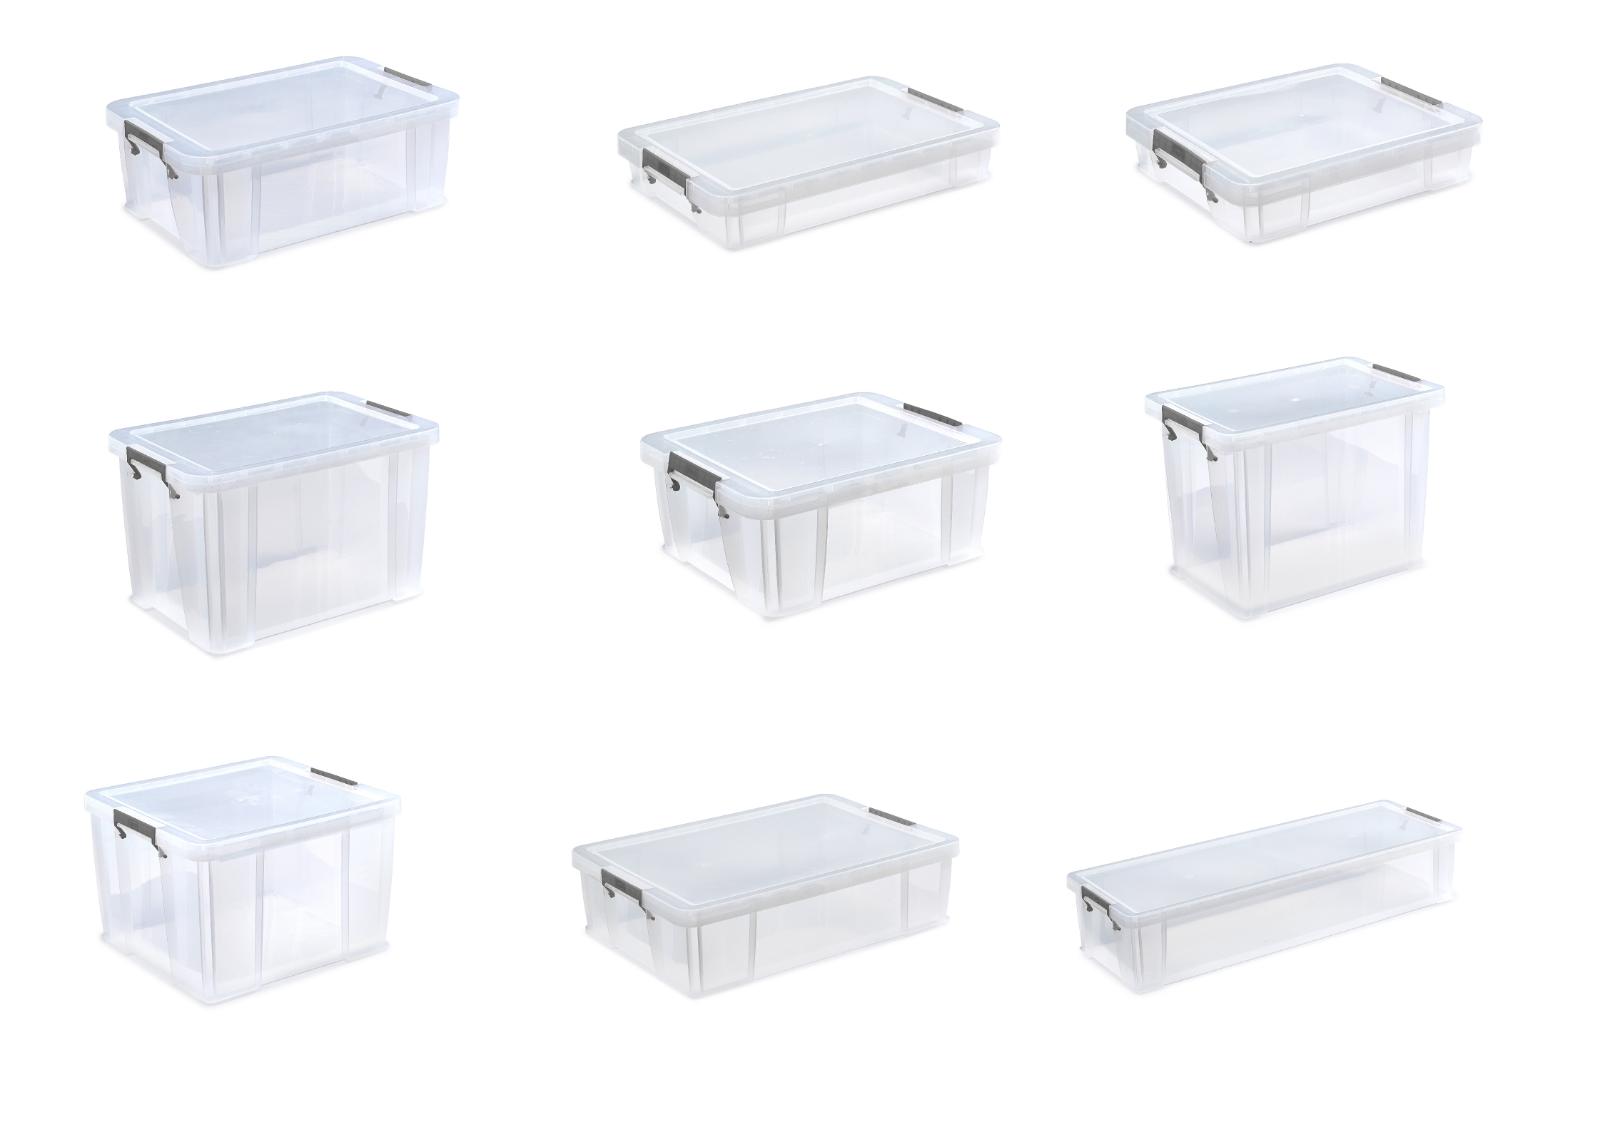 Scatole di Plastica Trasparente Impilabili sottoletto argentoo con morsetto Tidy titolari sul petto